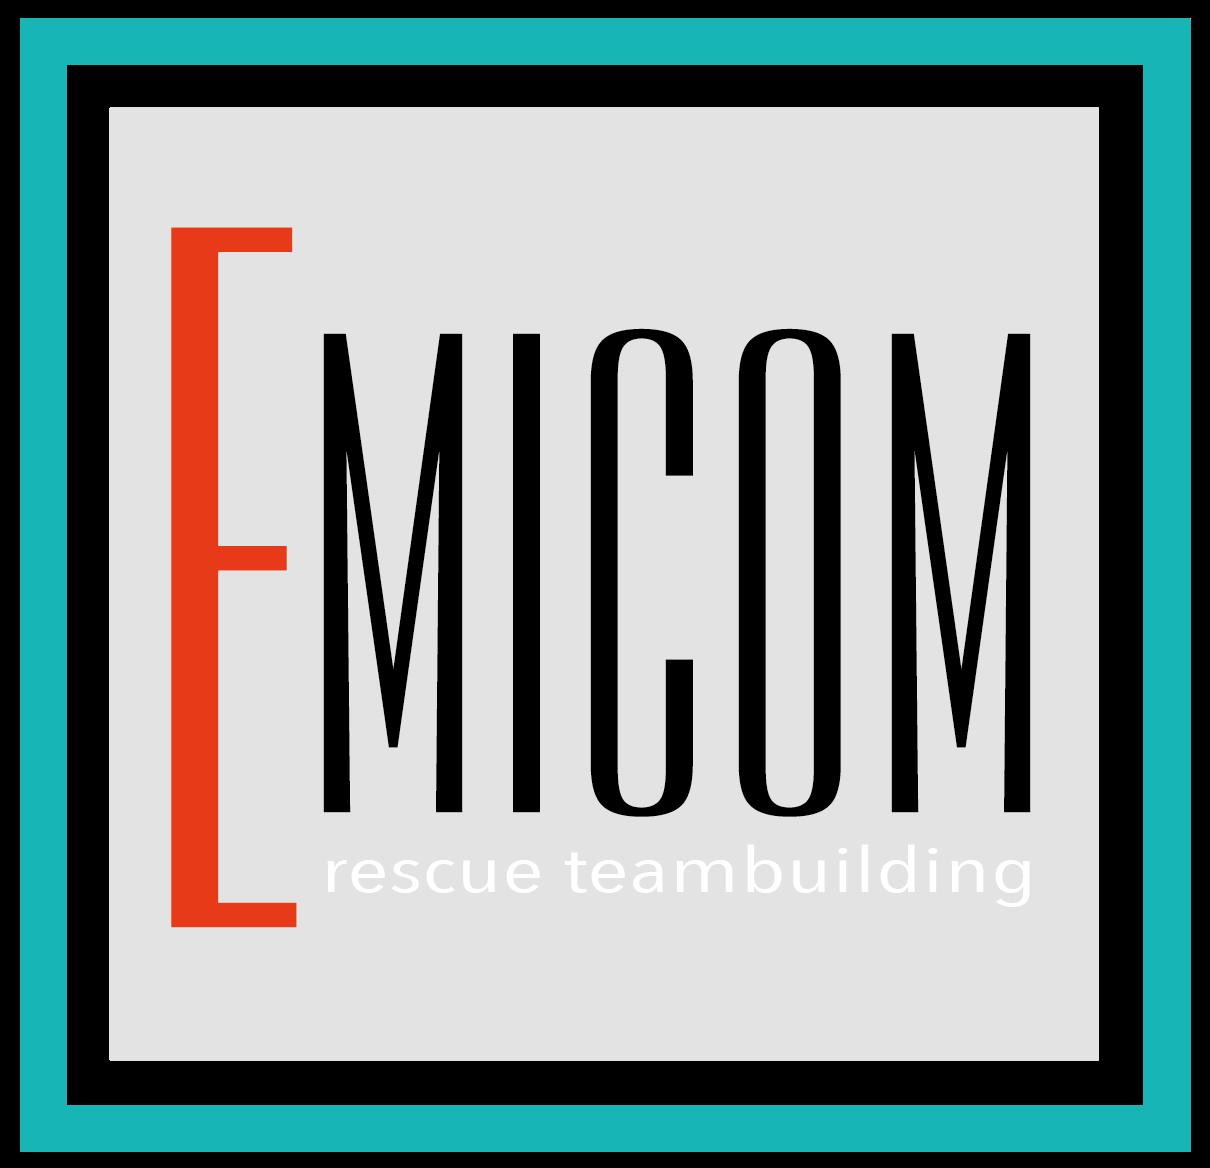 rescueteambuilding.sk